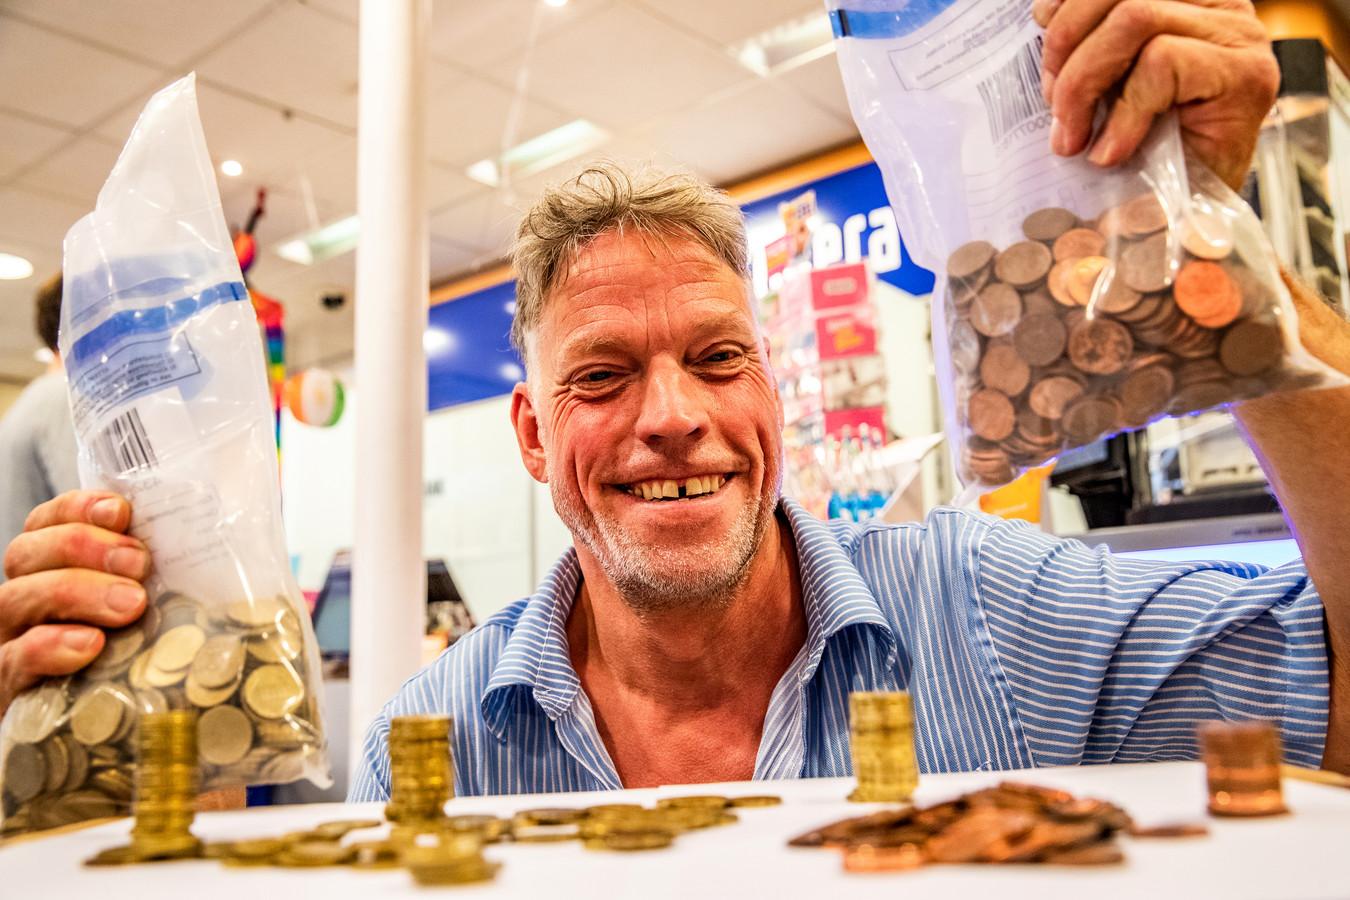 Dankzij een oproep op Facebook heeft Huub Obdeijn weer volop wisselgeld tot zijn beschikking.